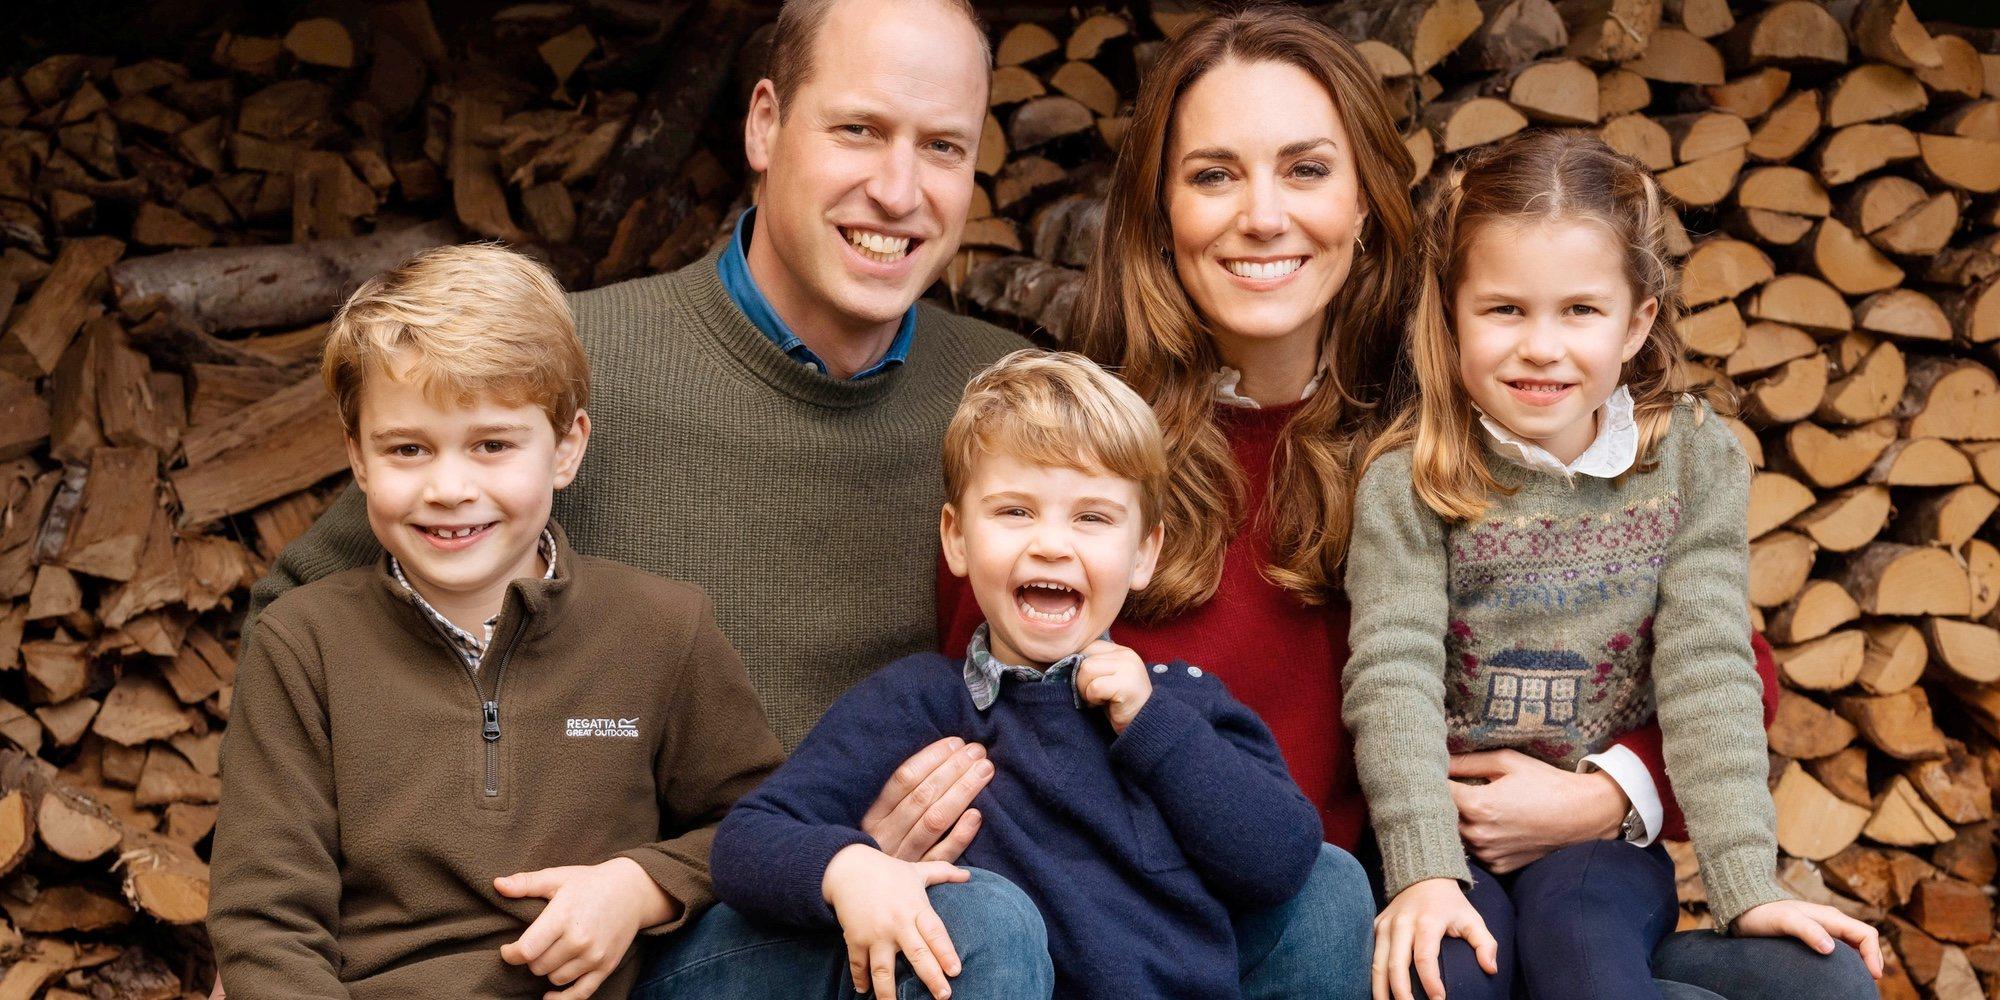 El emotivo vídeo del Príncipe Guillermo y Kate Middleton con sus hijos Jorge, Carlota y Luis para celebrar su aniversario